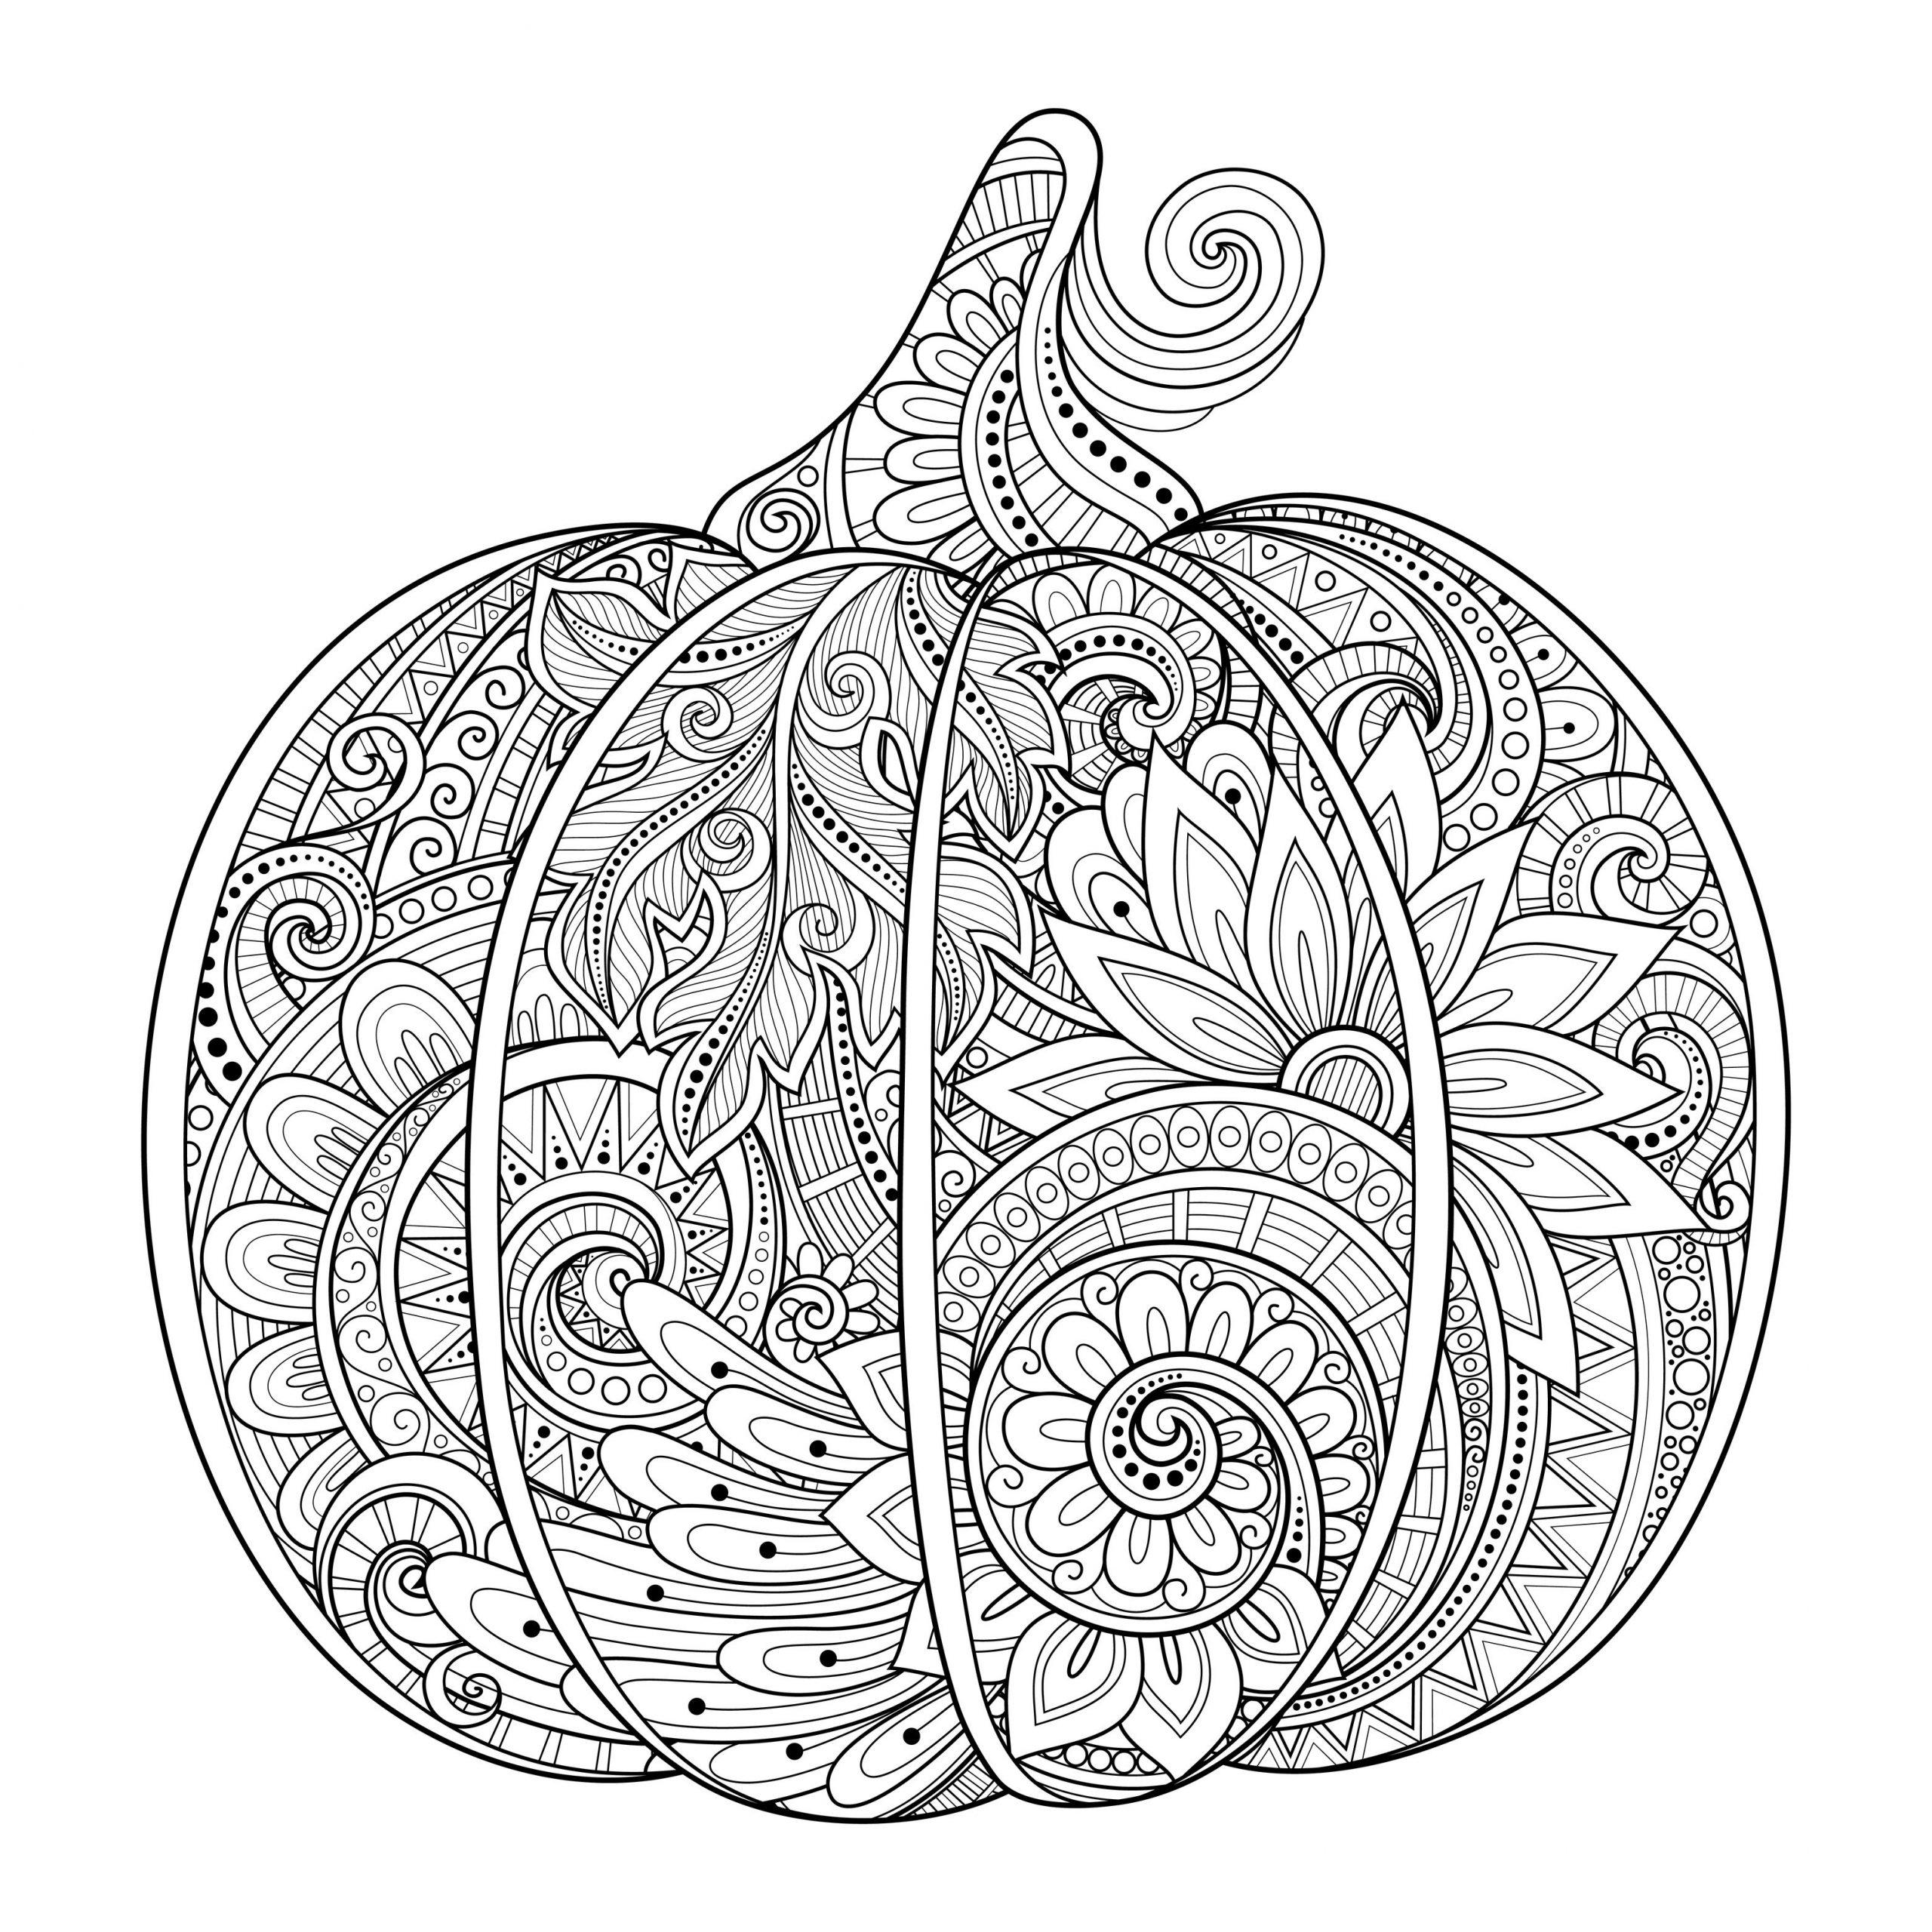 Dessin De Halloween Gratuit À Télécharger Et Colorier destiné Dessin Halloween Citrouille A Imprimer Gratuit